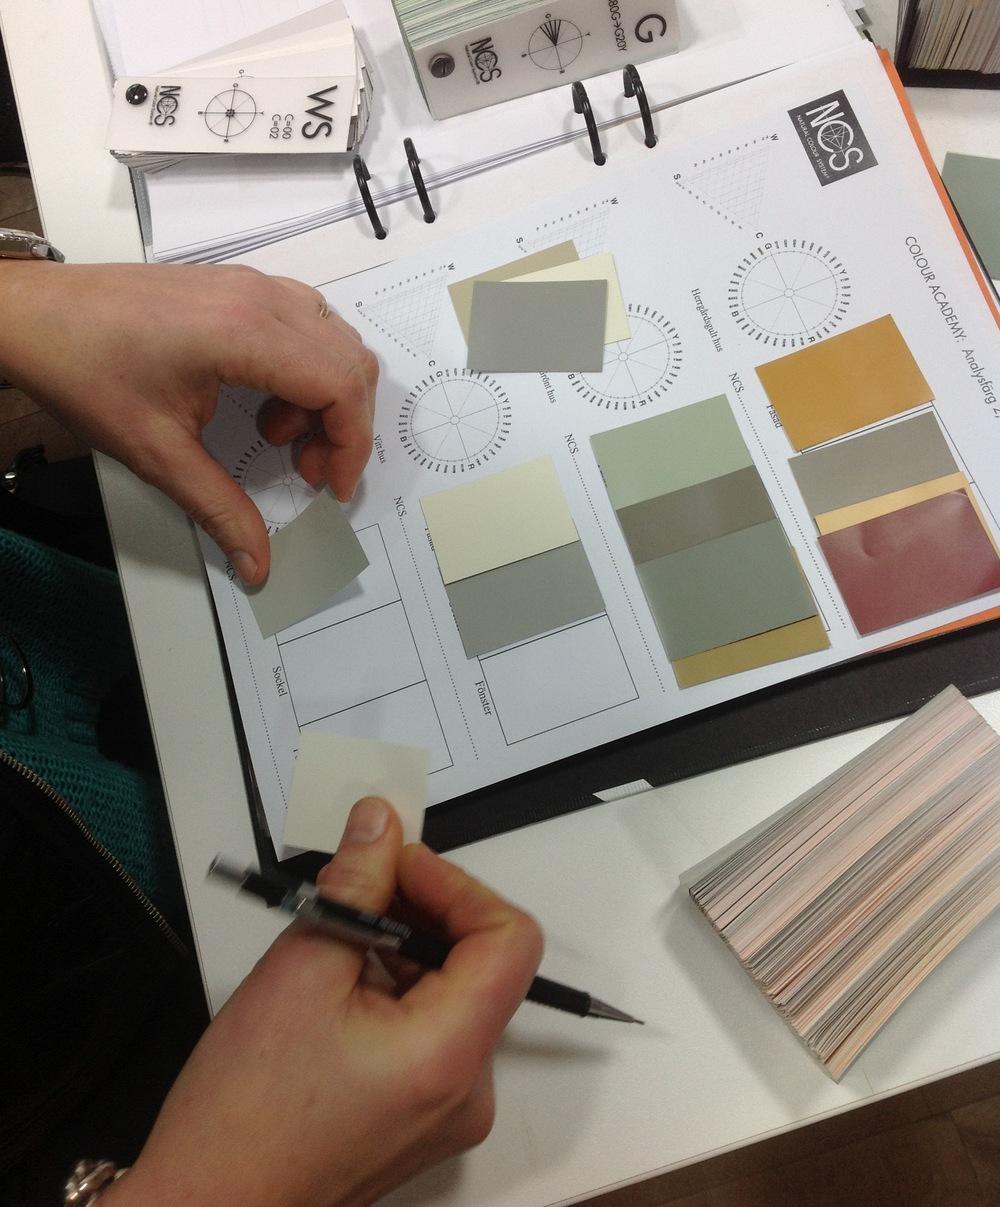 Övning i att skapa färgkombinationer för fasad, sockel och snickerier.